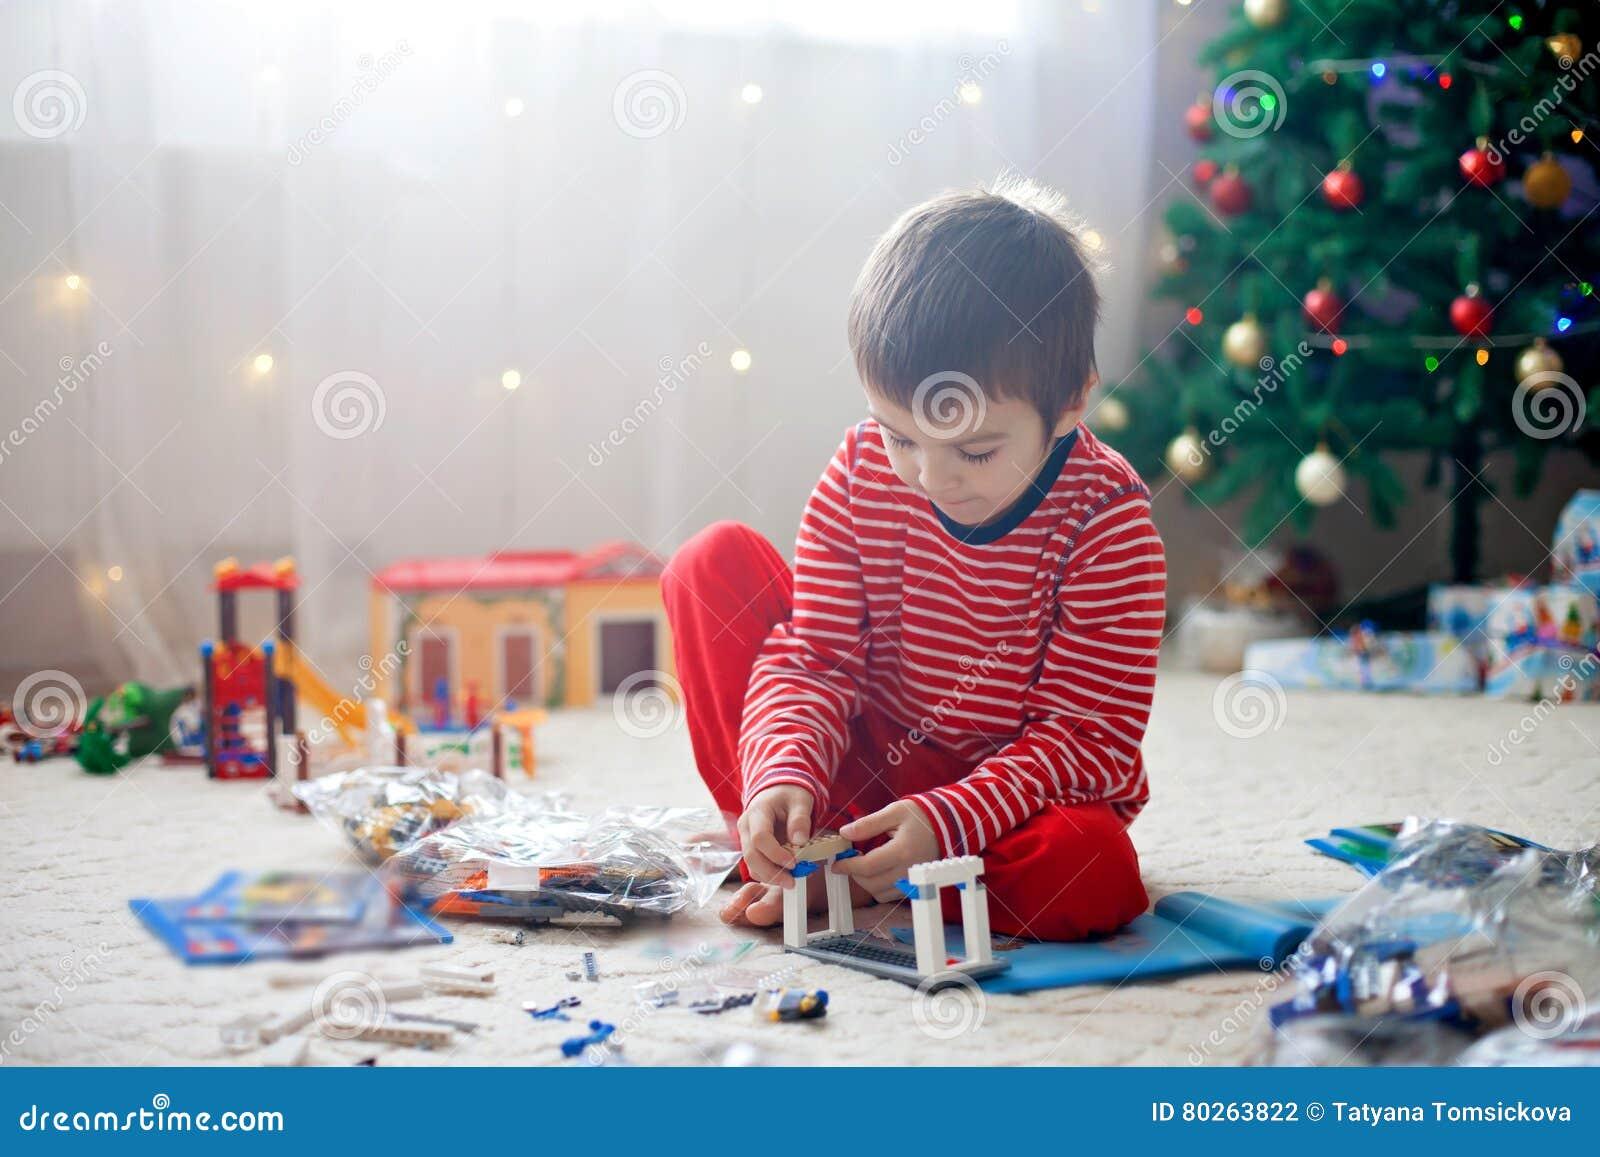 Zwei Süße Jungen, öffnend Stellt Sich Am Weihnachtstag Dar Stockfoto ...